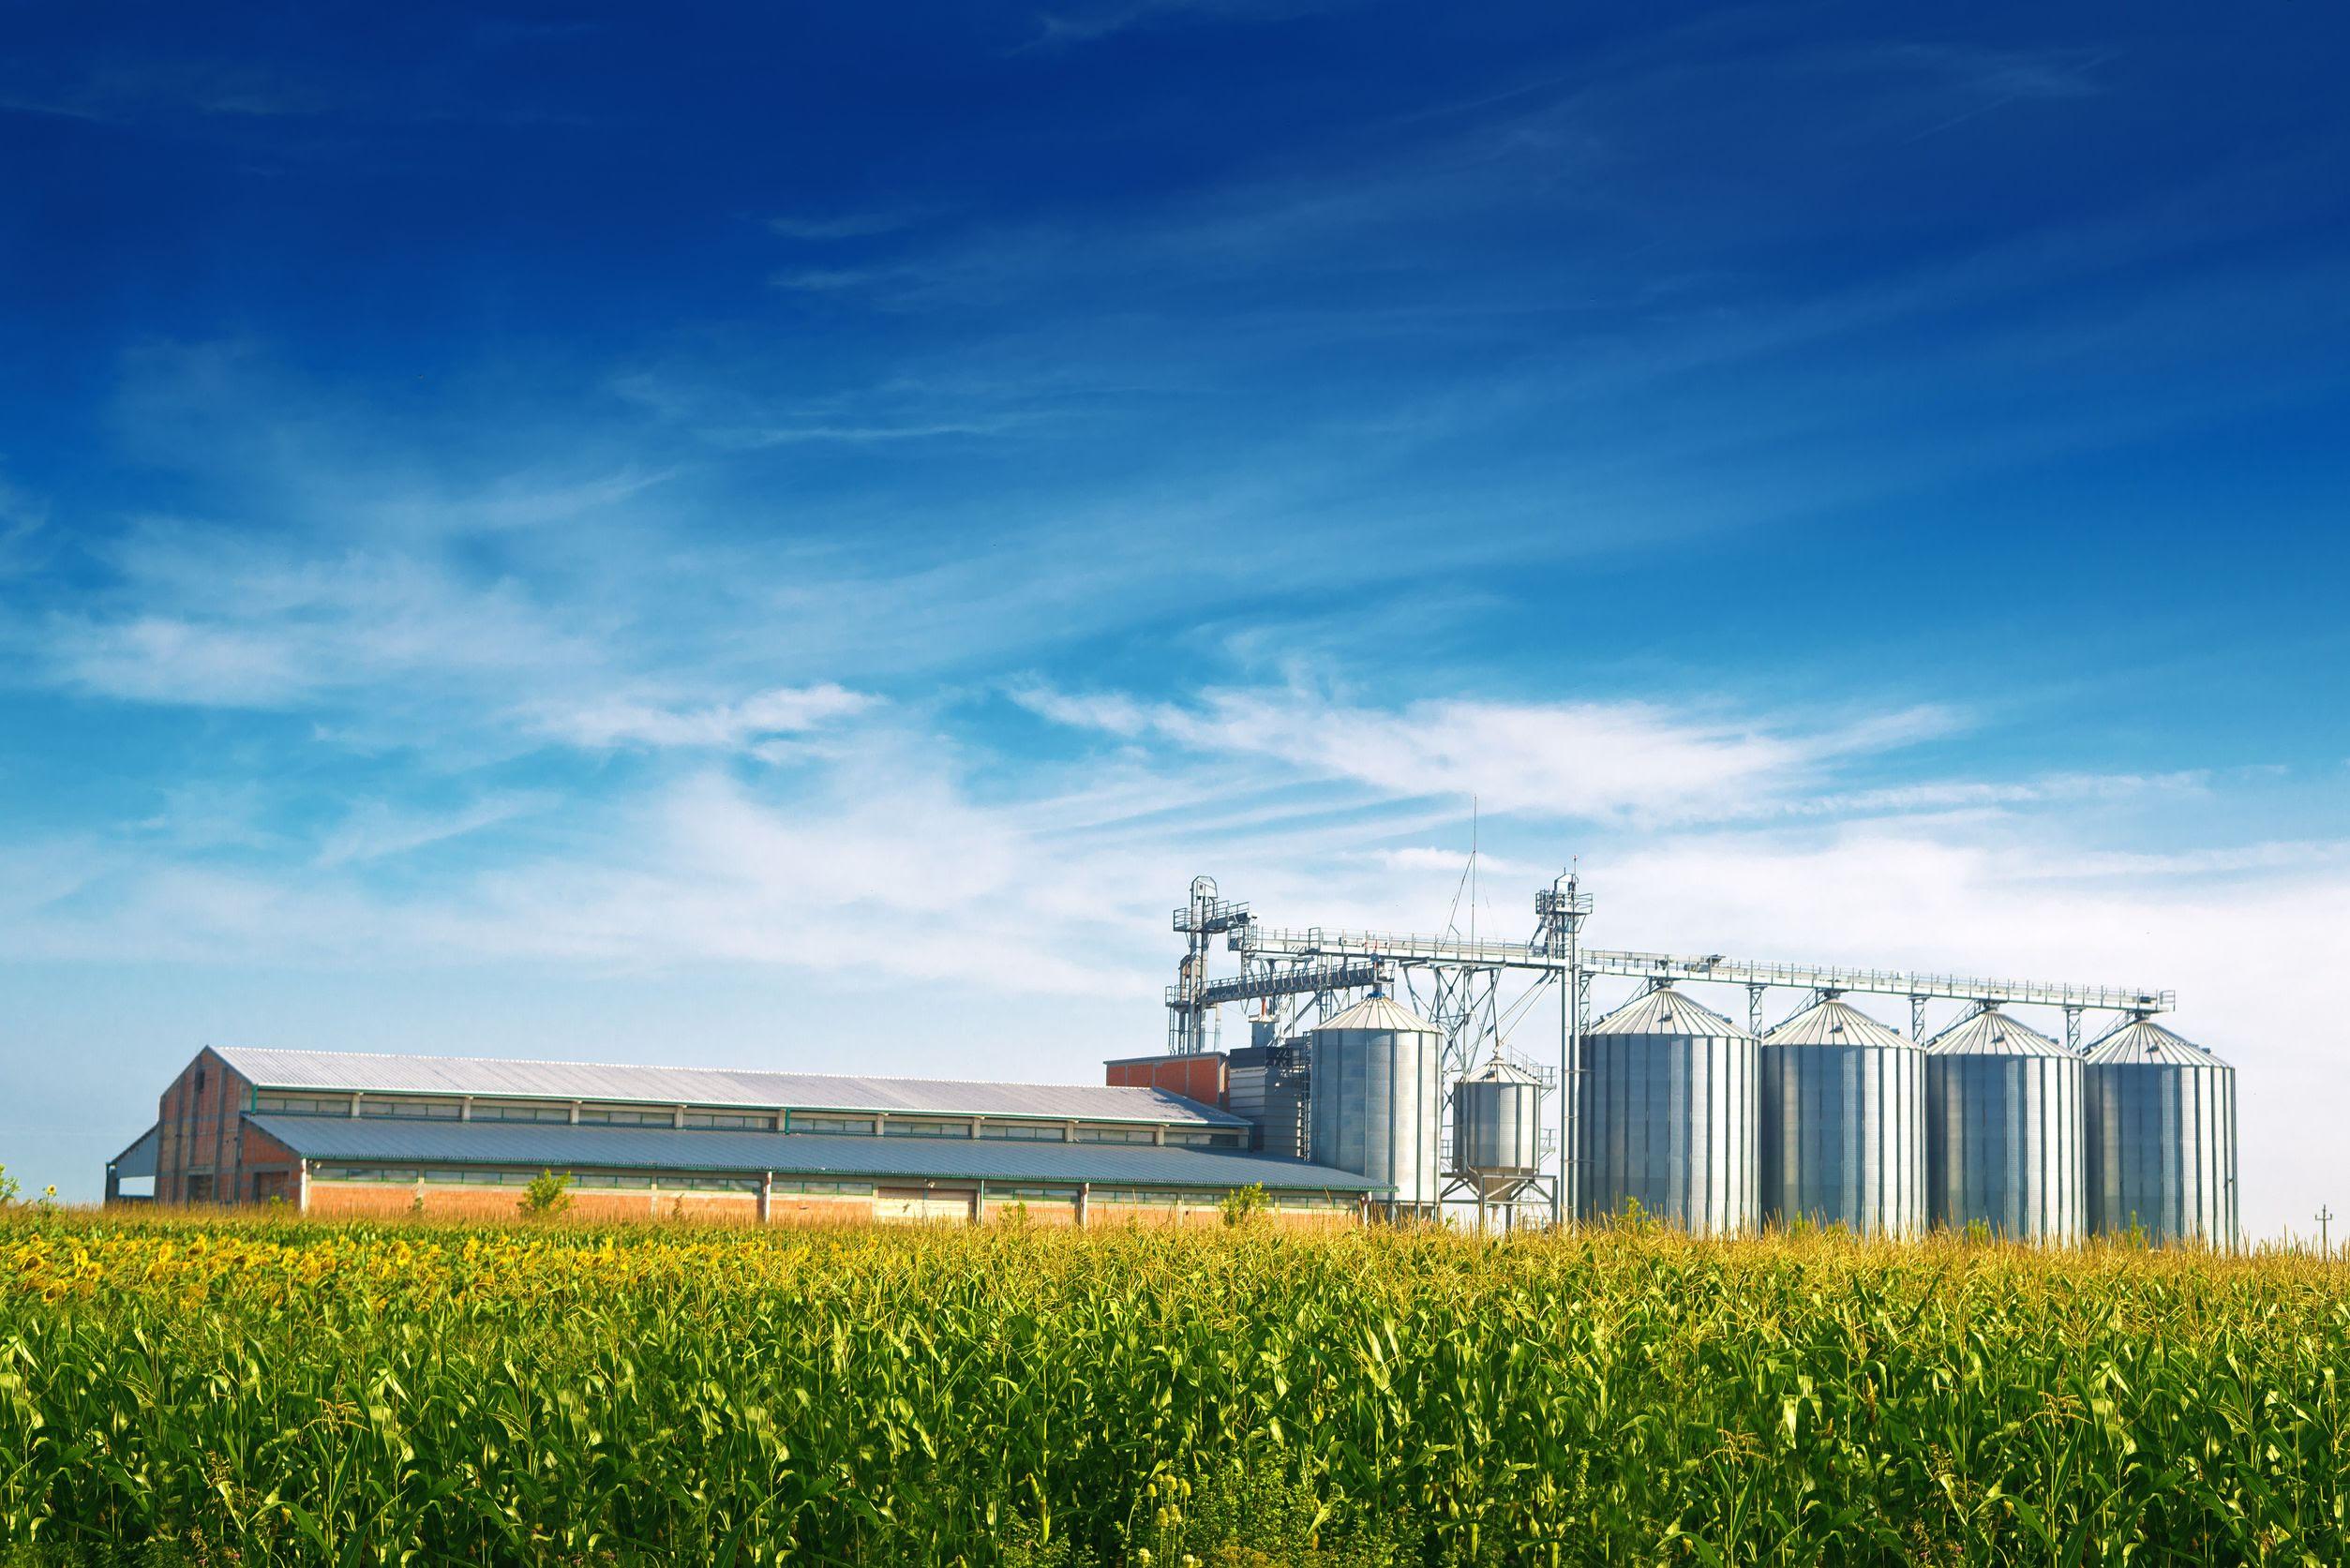 Grain Silos In Corn Field